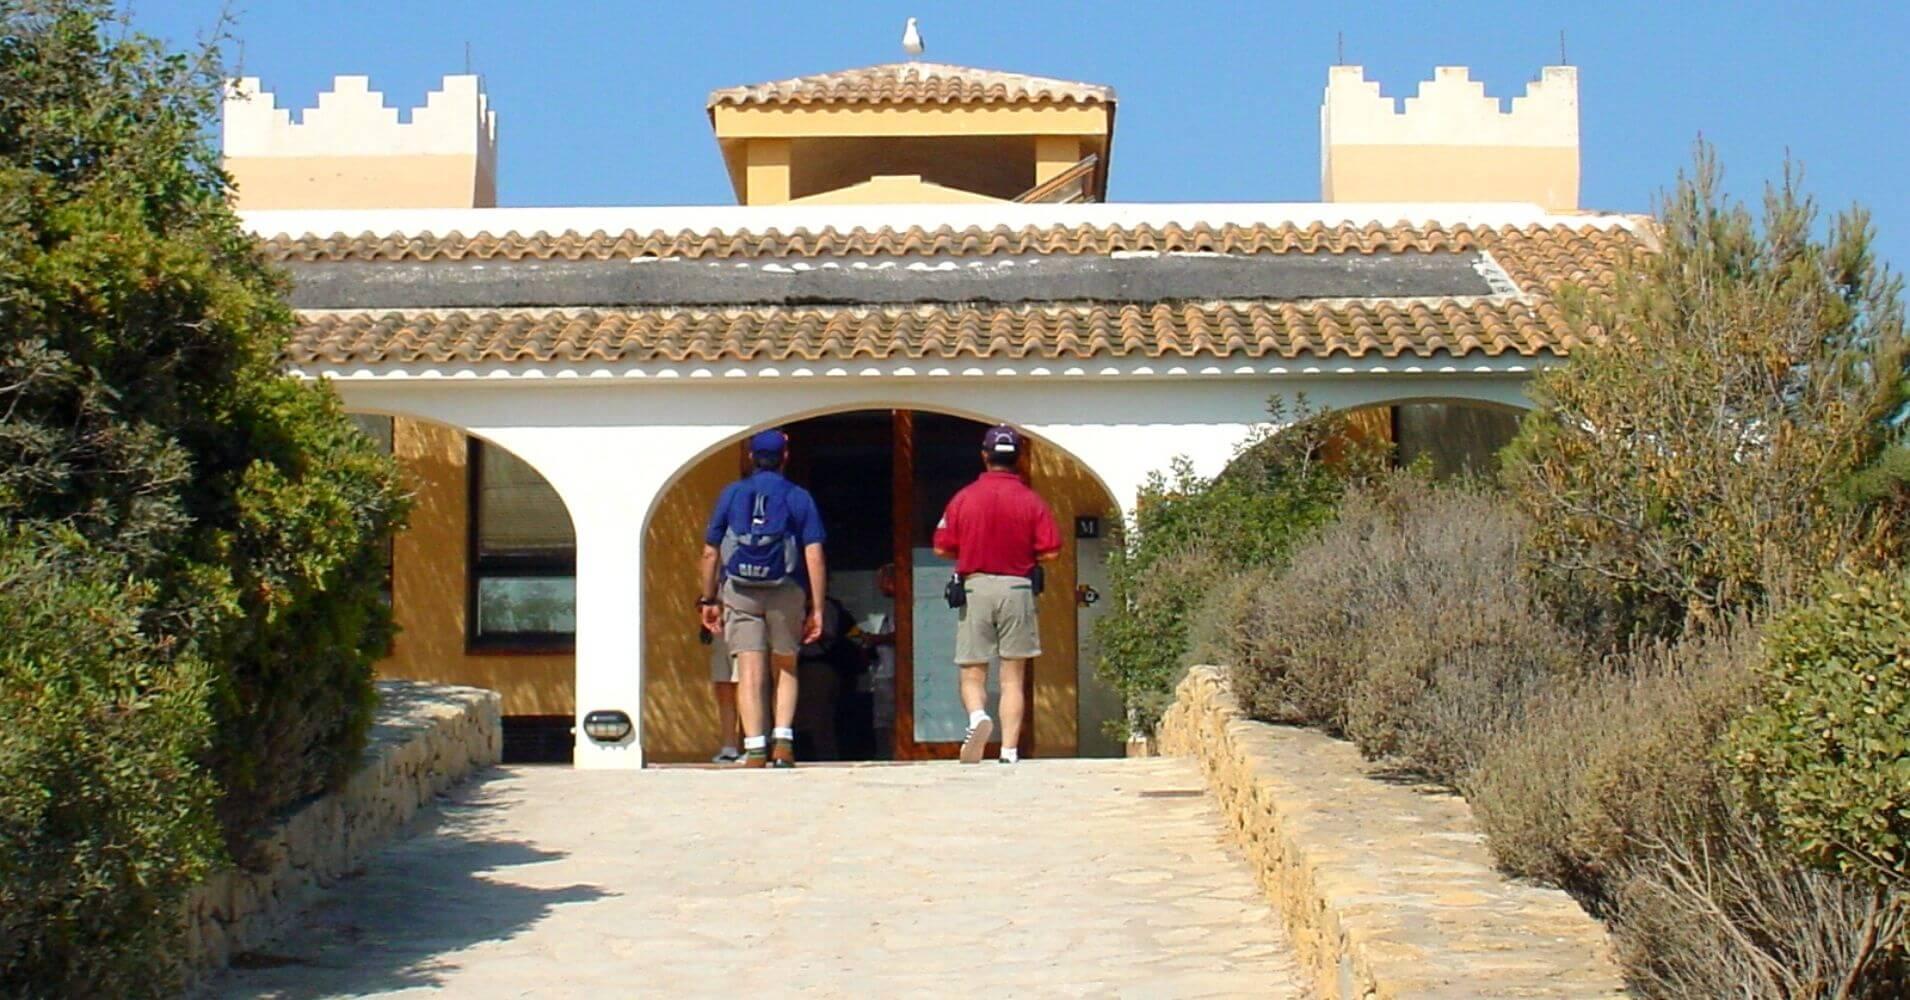 Centro de Interpretación del Parque Natural Peñón de Ifach. Calpe, Alicante. Comunidad Valenciana.